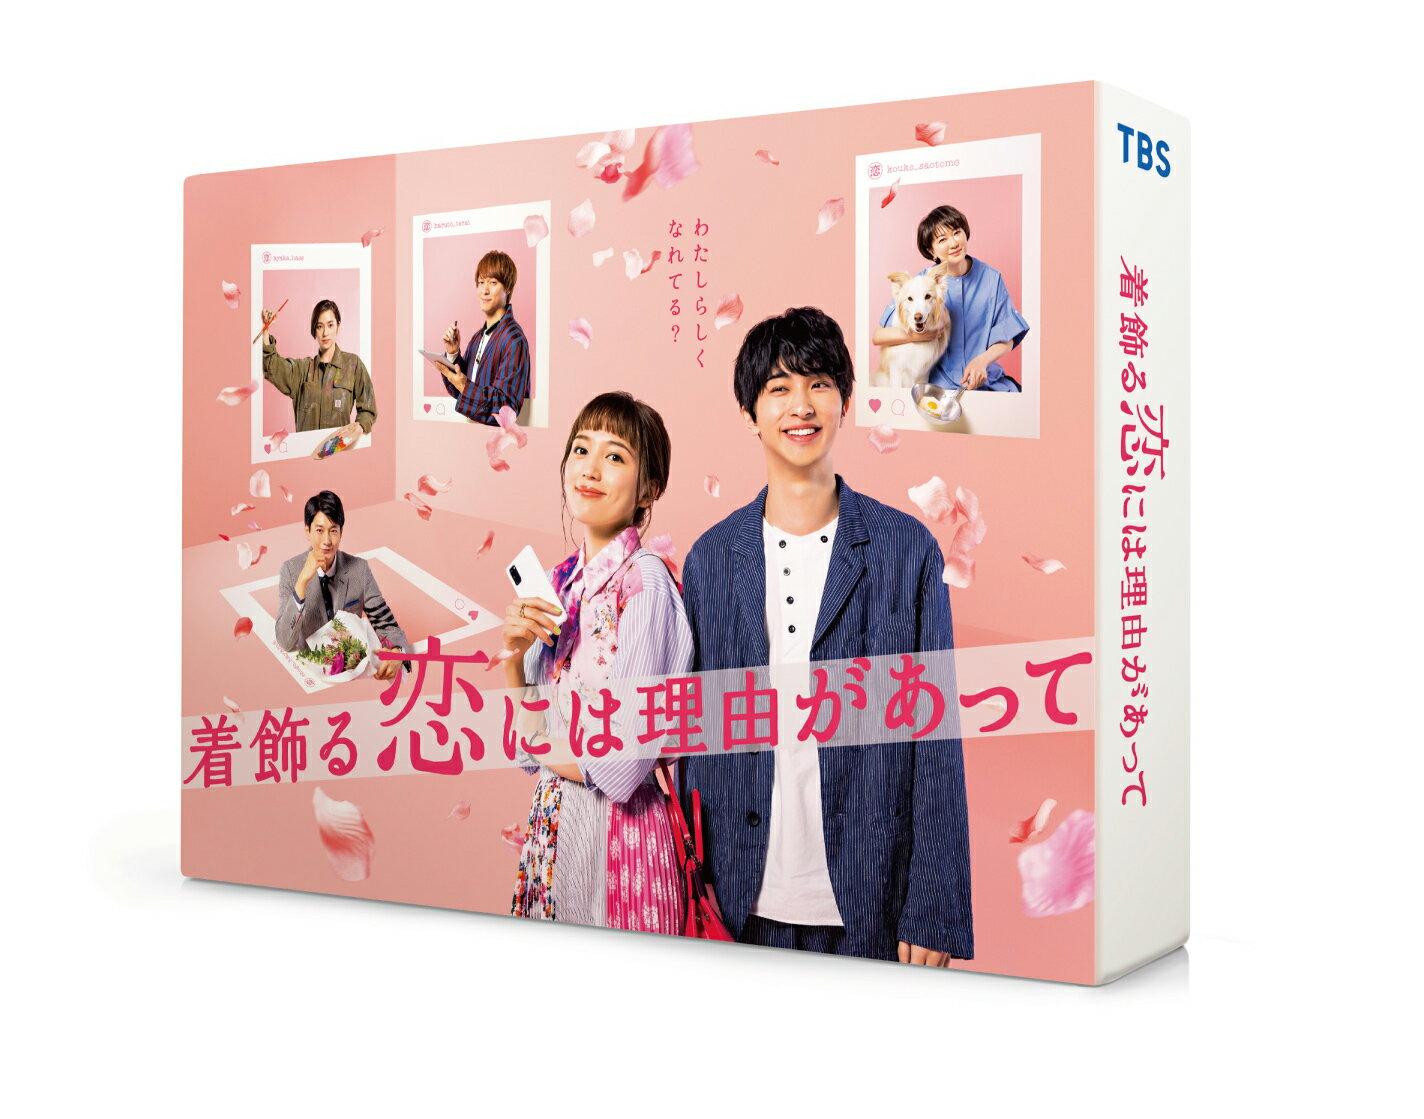 着飾る恋には理由があって Blu-ray BOX【Blu-ray】